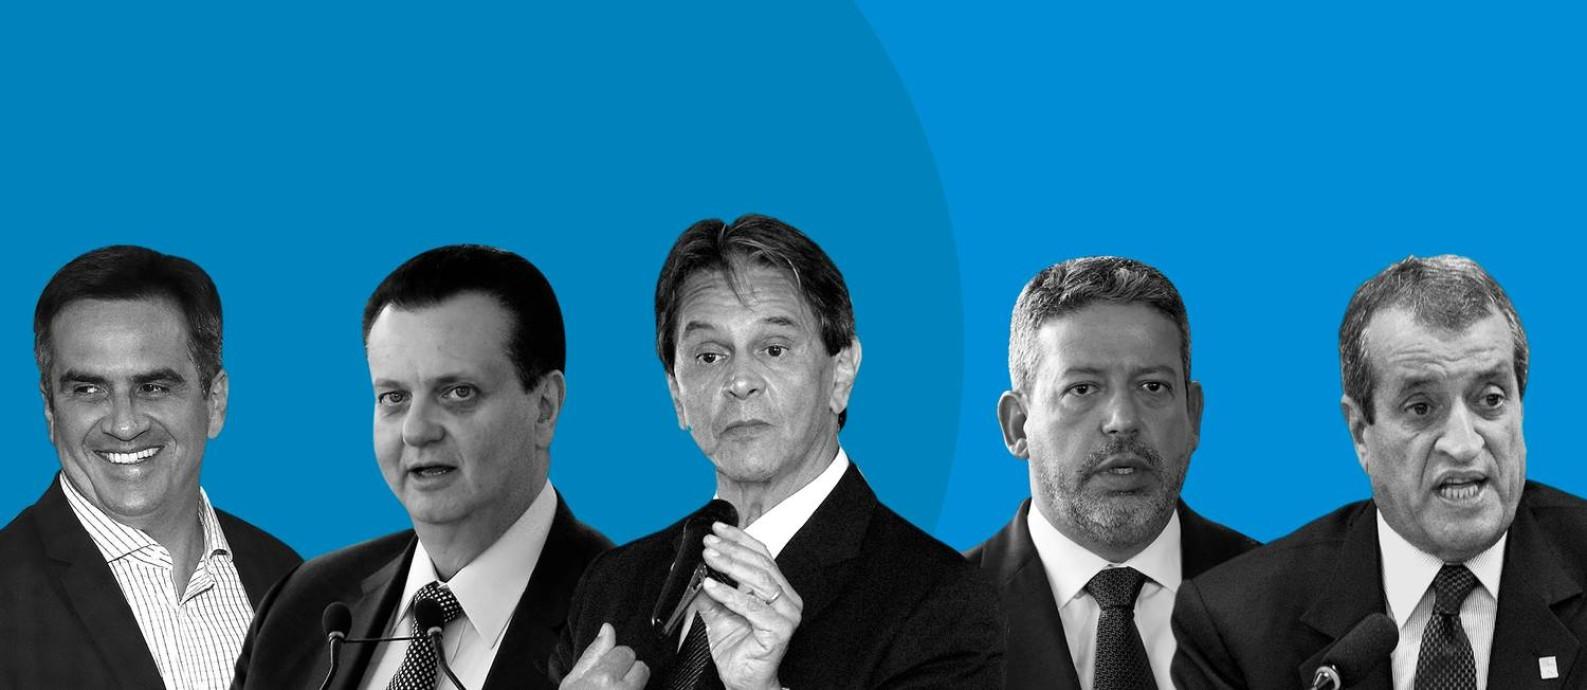 Dirigentes partidários do chamado centrão — bloco da Câmara que reúne legendas como PP, PL, Republicanos, PSD e PTB Foto: Editoria de Arte